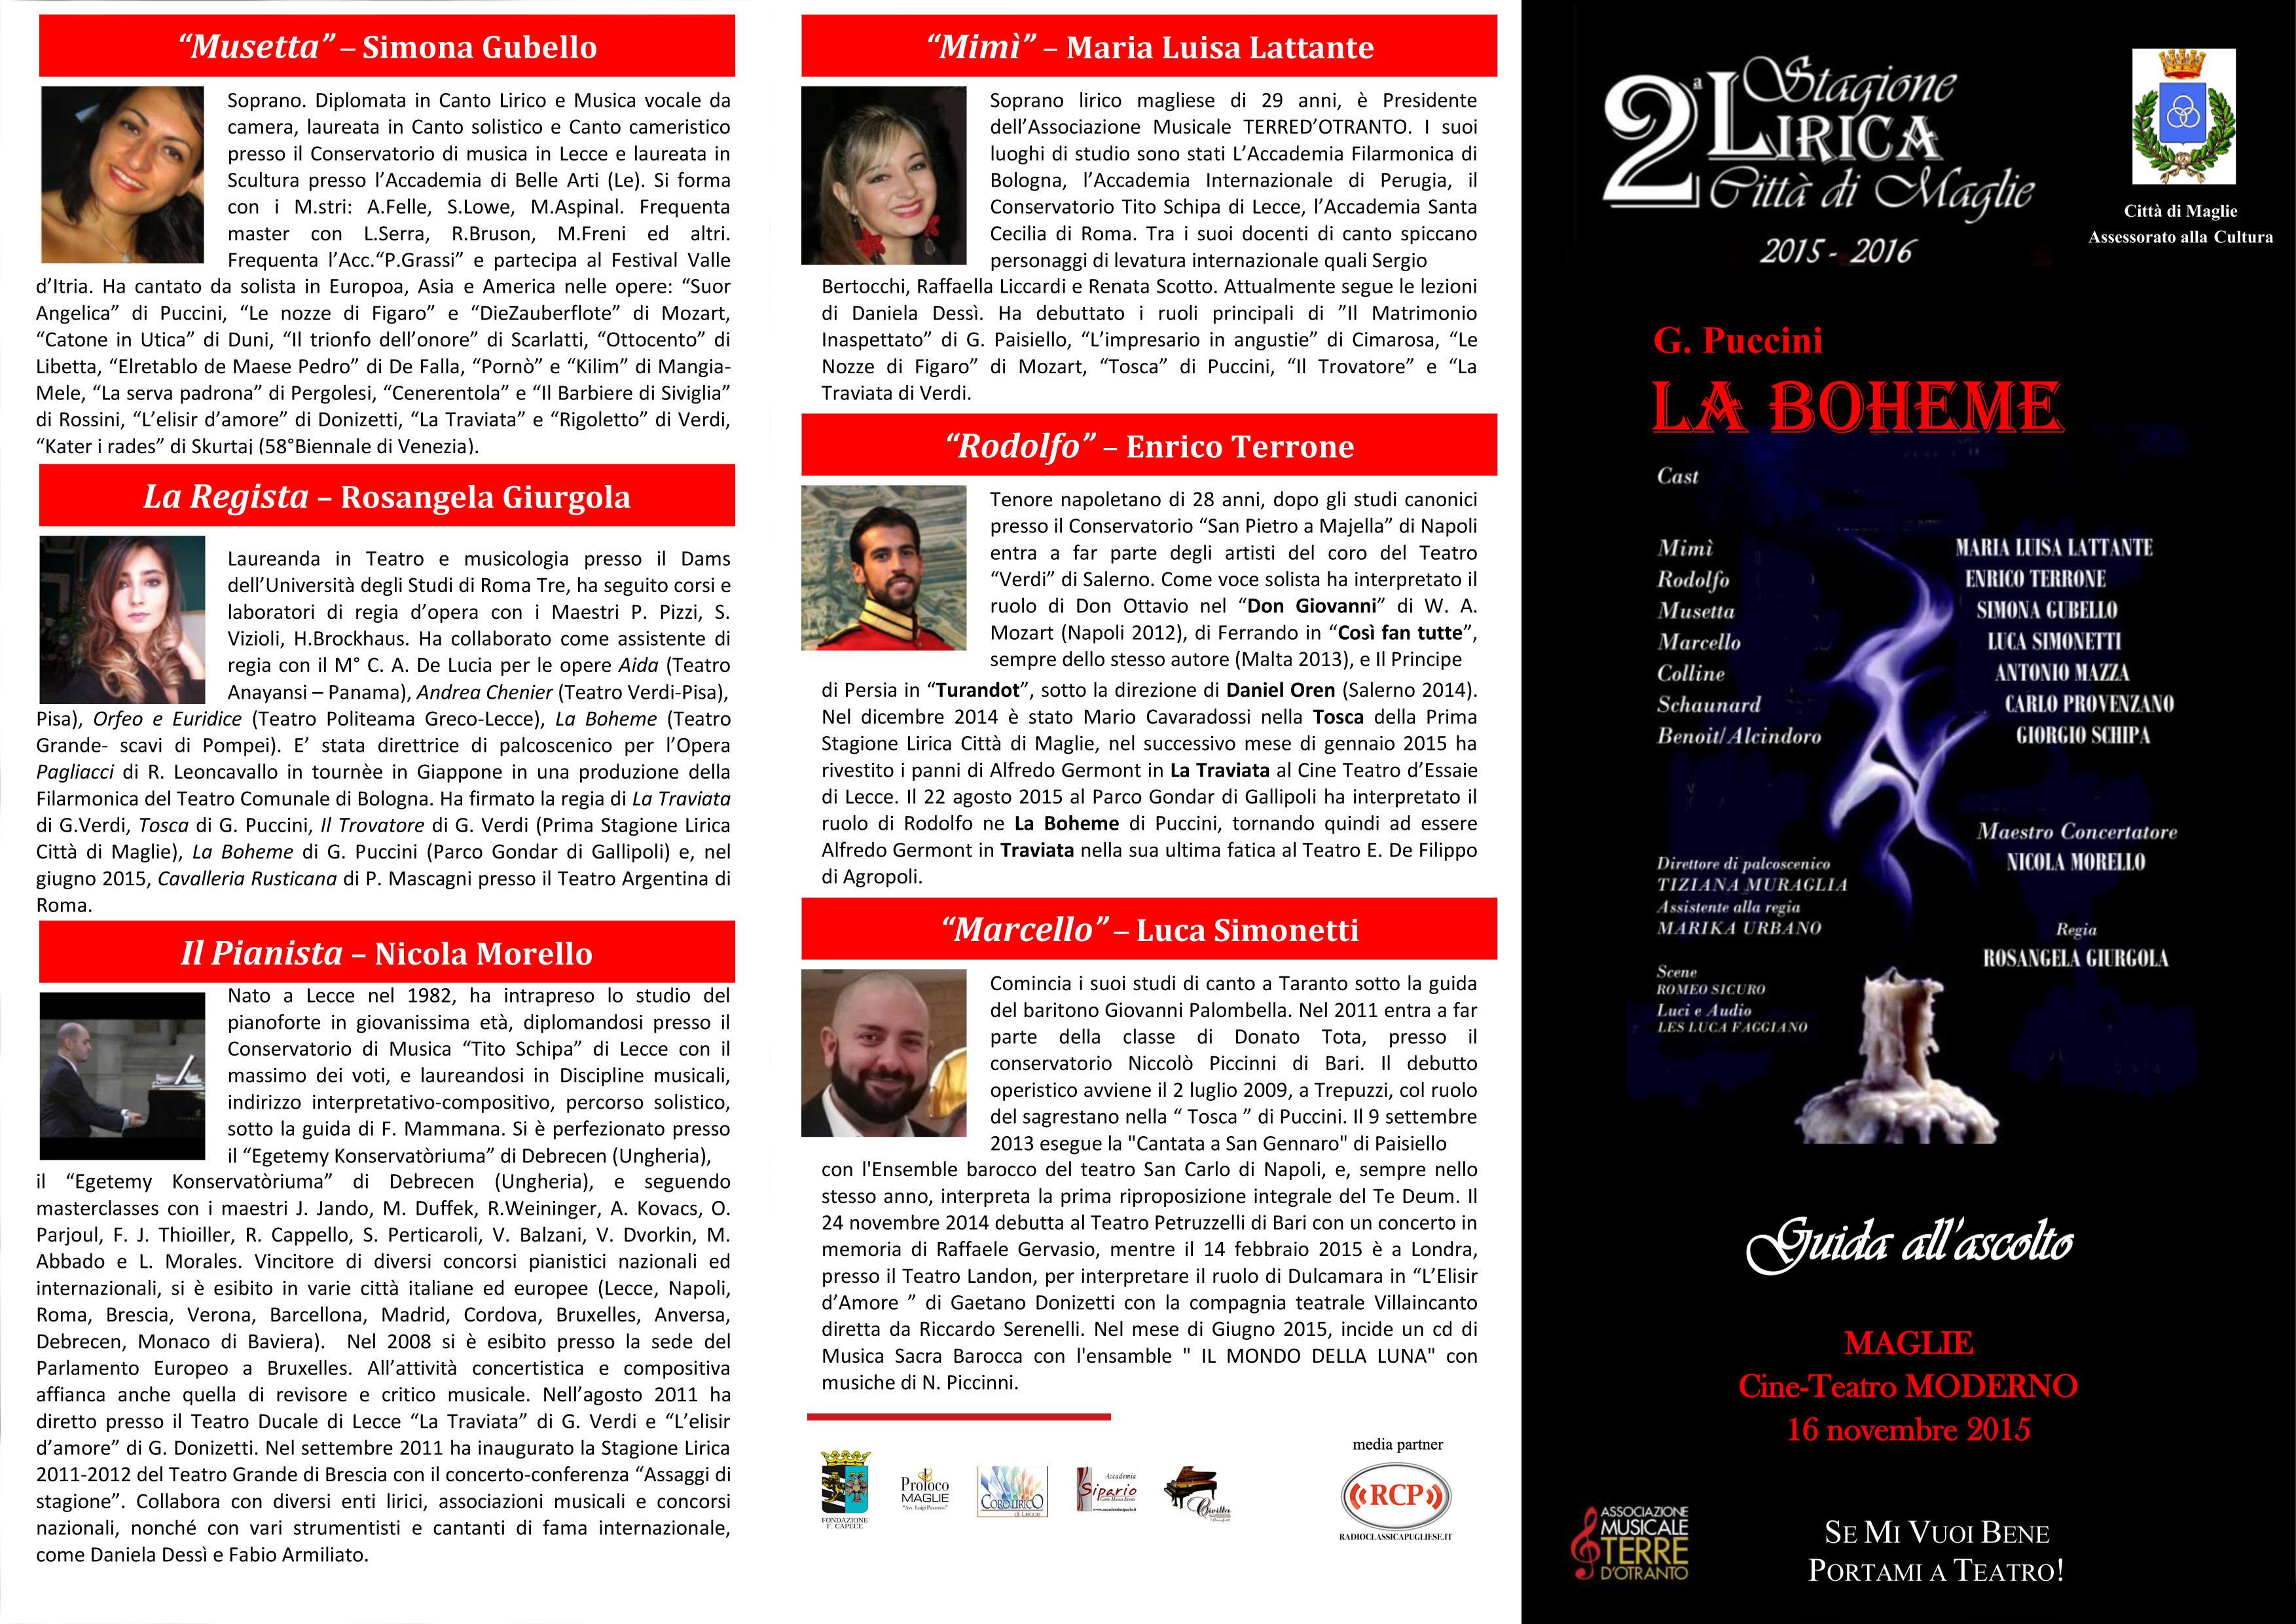 Al via la Seconda Stagione Lirica Città di Maglie  Puccini, Donizetti e Leoncavallo in scena il 16 novembre, 14 dicembre e 11 gennaio